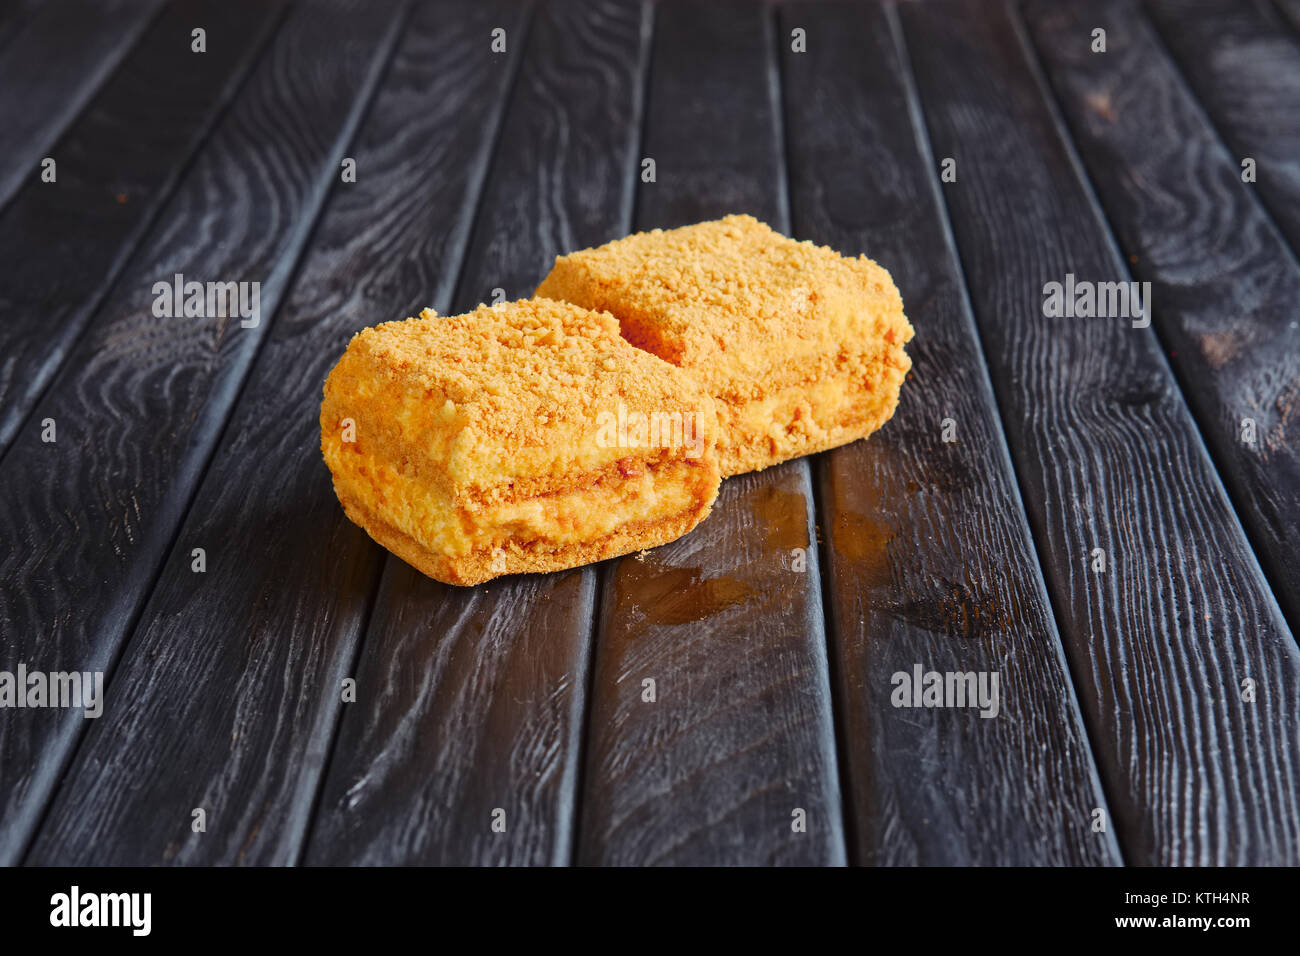 Vorspeise für den Empfang. Tiramisu, Karamell Kuchen in Panade Stockbild